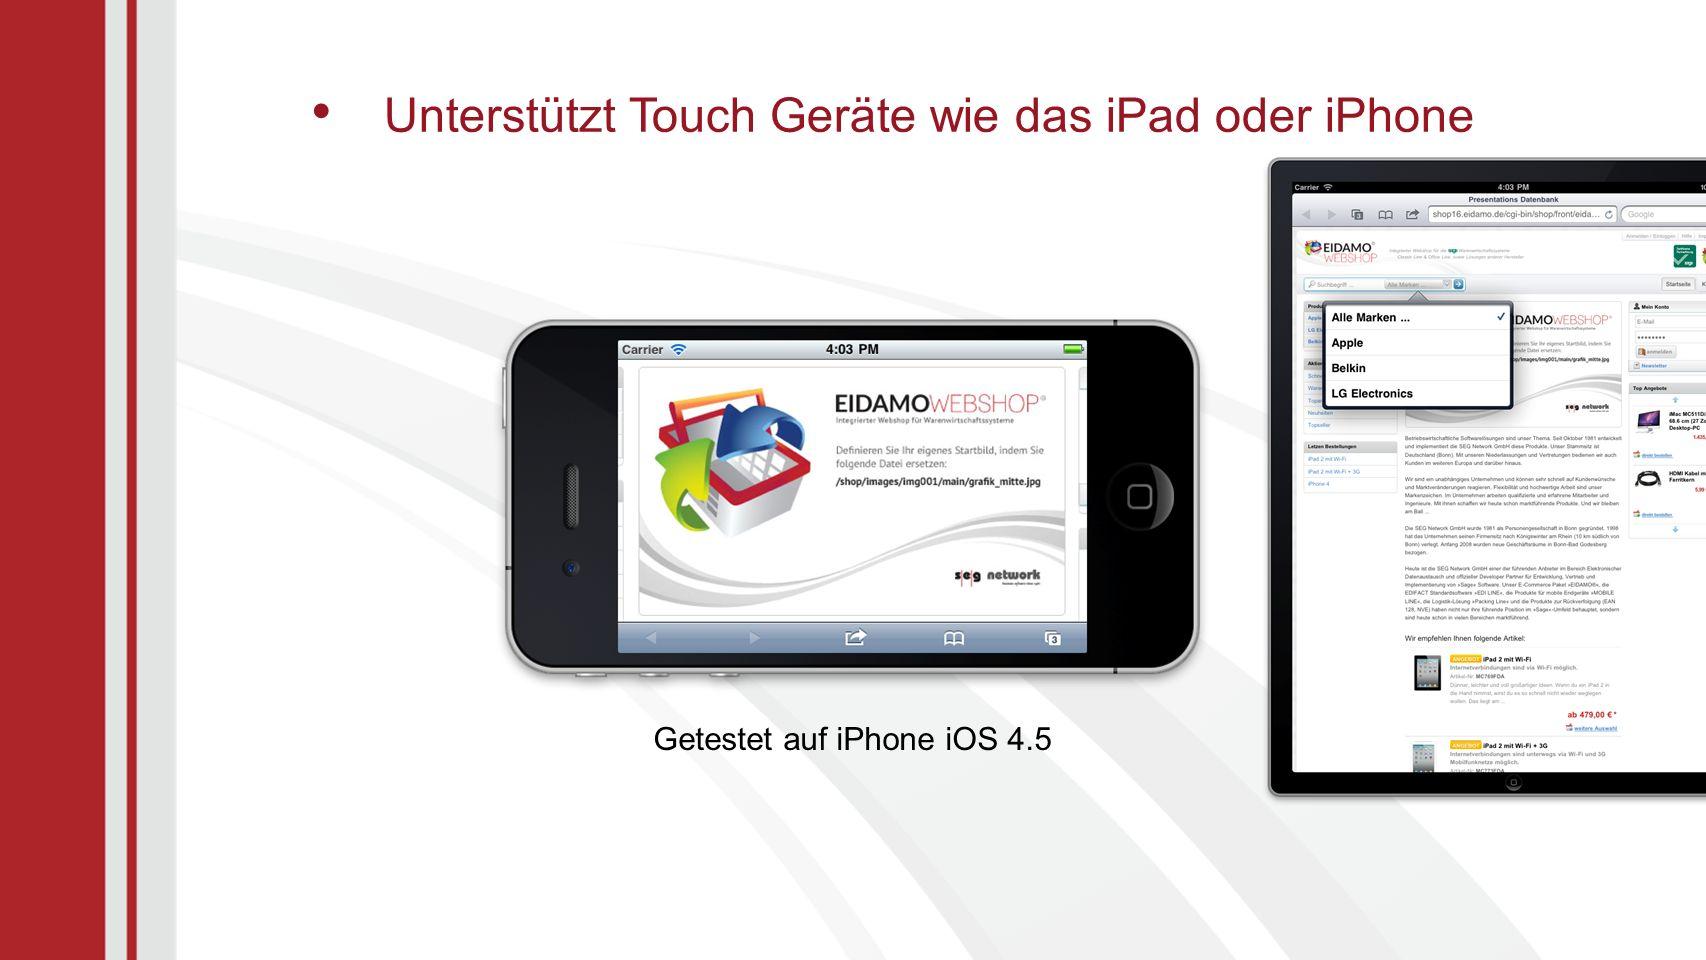 Unterstützt Touch Geräte wie das iPad oder iPhone Getestet auf iPhone iOS 4.5